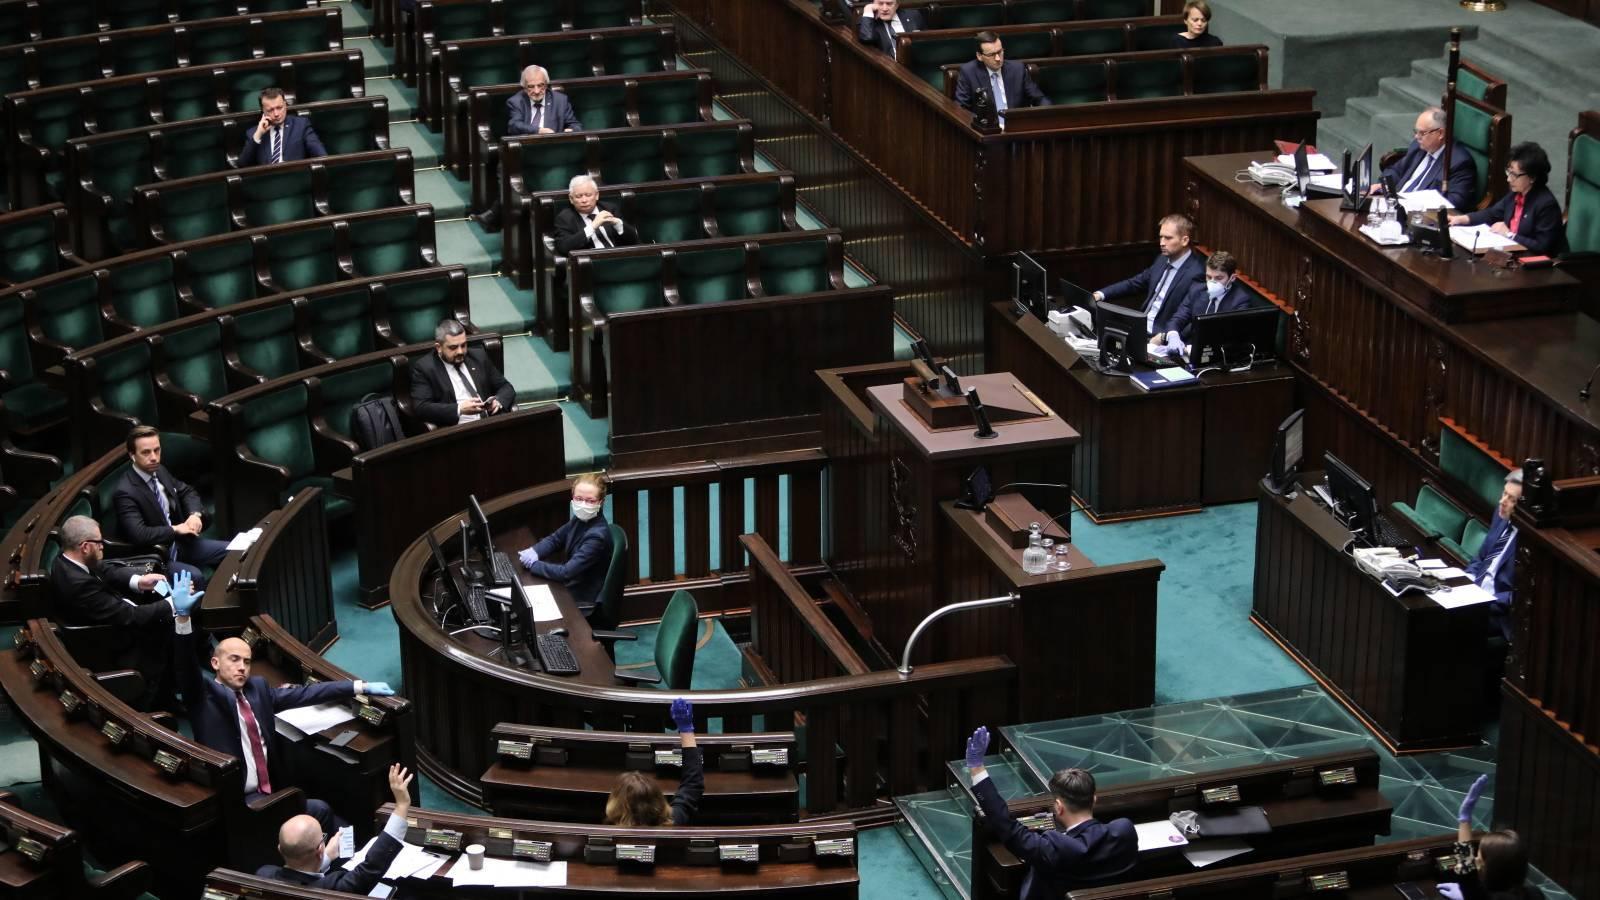 07.04.2020 | Korespondencyjne wybory prezydenckie? Ustawa przyjęta, czas dla Senatu